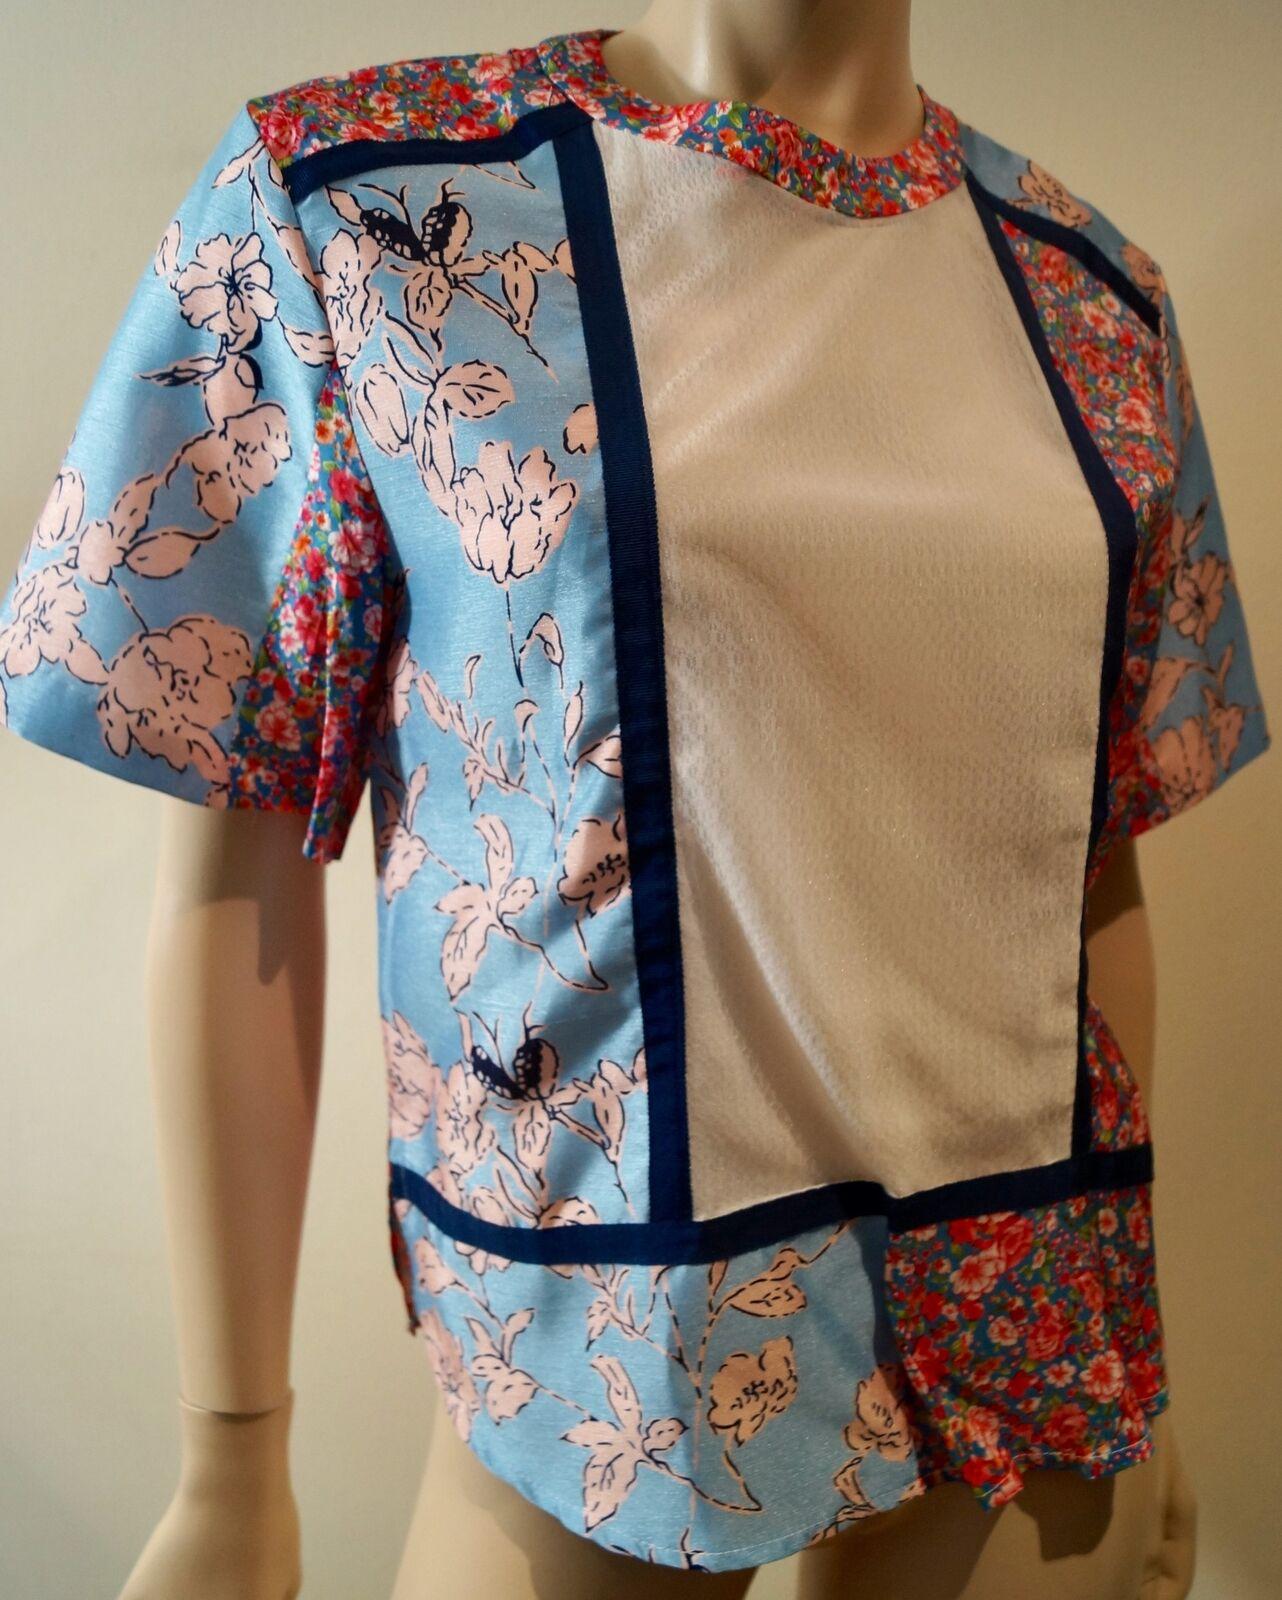 2d8e089e EMIN & PAUL Multi Colour Floral Print White Panel Short Sleeve Blouse Shirt  Top